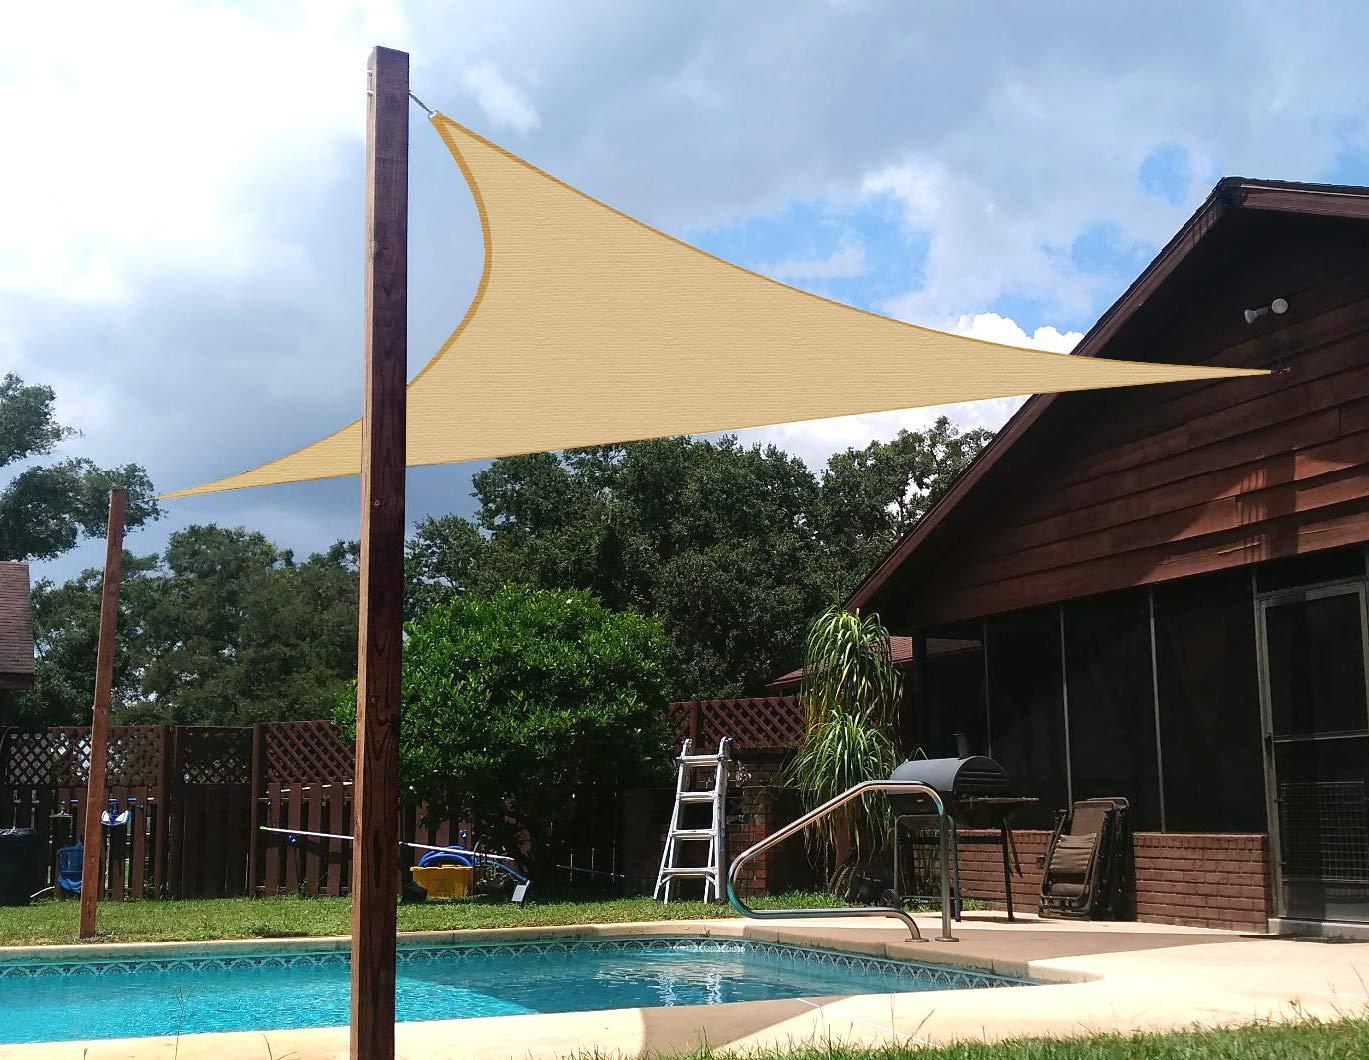 AXT SHADE Toldo Vela de Sombra Triangular 3, 6 x 3, 6 x 3, 6 m, protección Rayos UV y HDPE Transpirable para Patio, Exteriores, Jardín, Color Arena: Amazon.es: Jardín